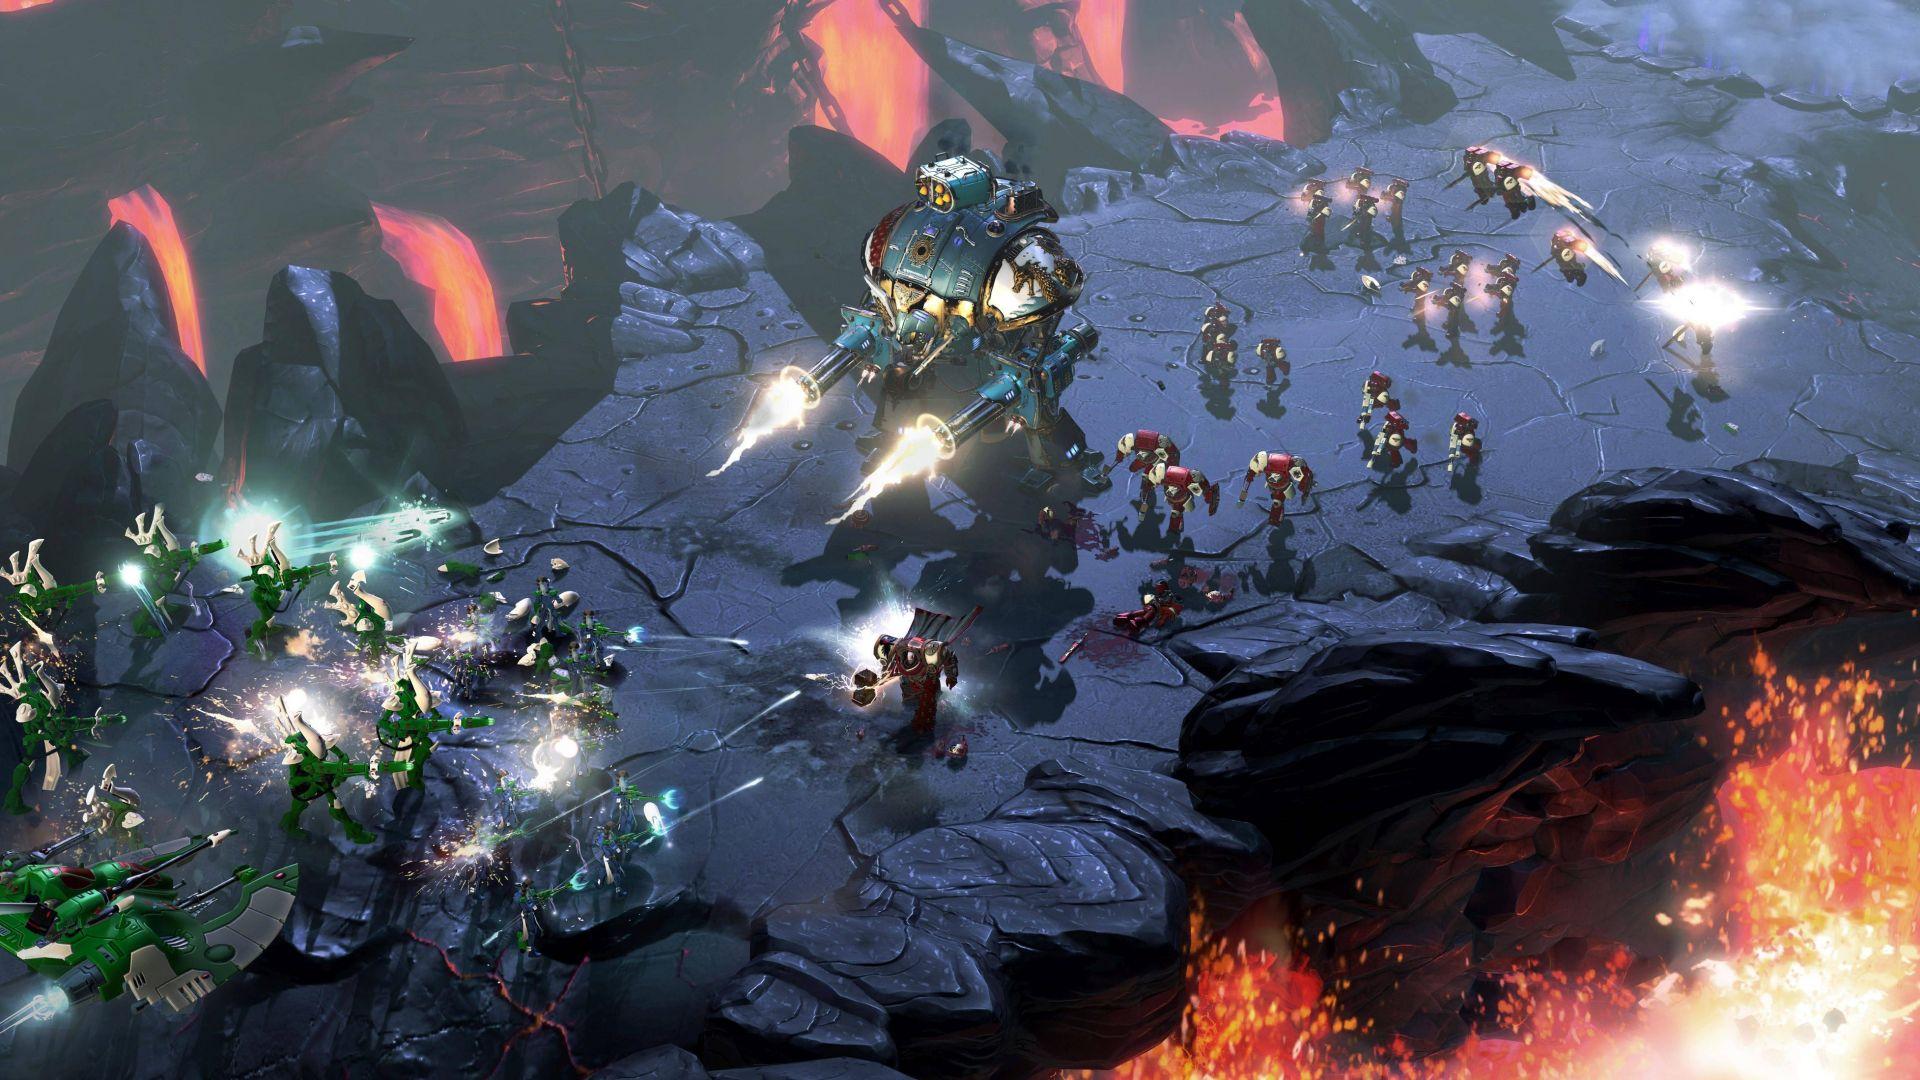 ПОМОГИТЗЫКОМ! : Warhammer 40,000: Dawn of War 19